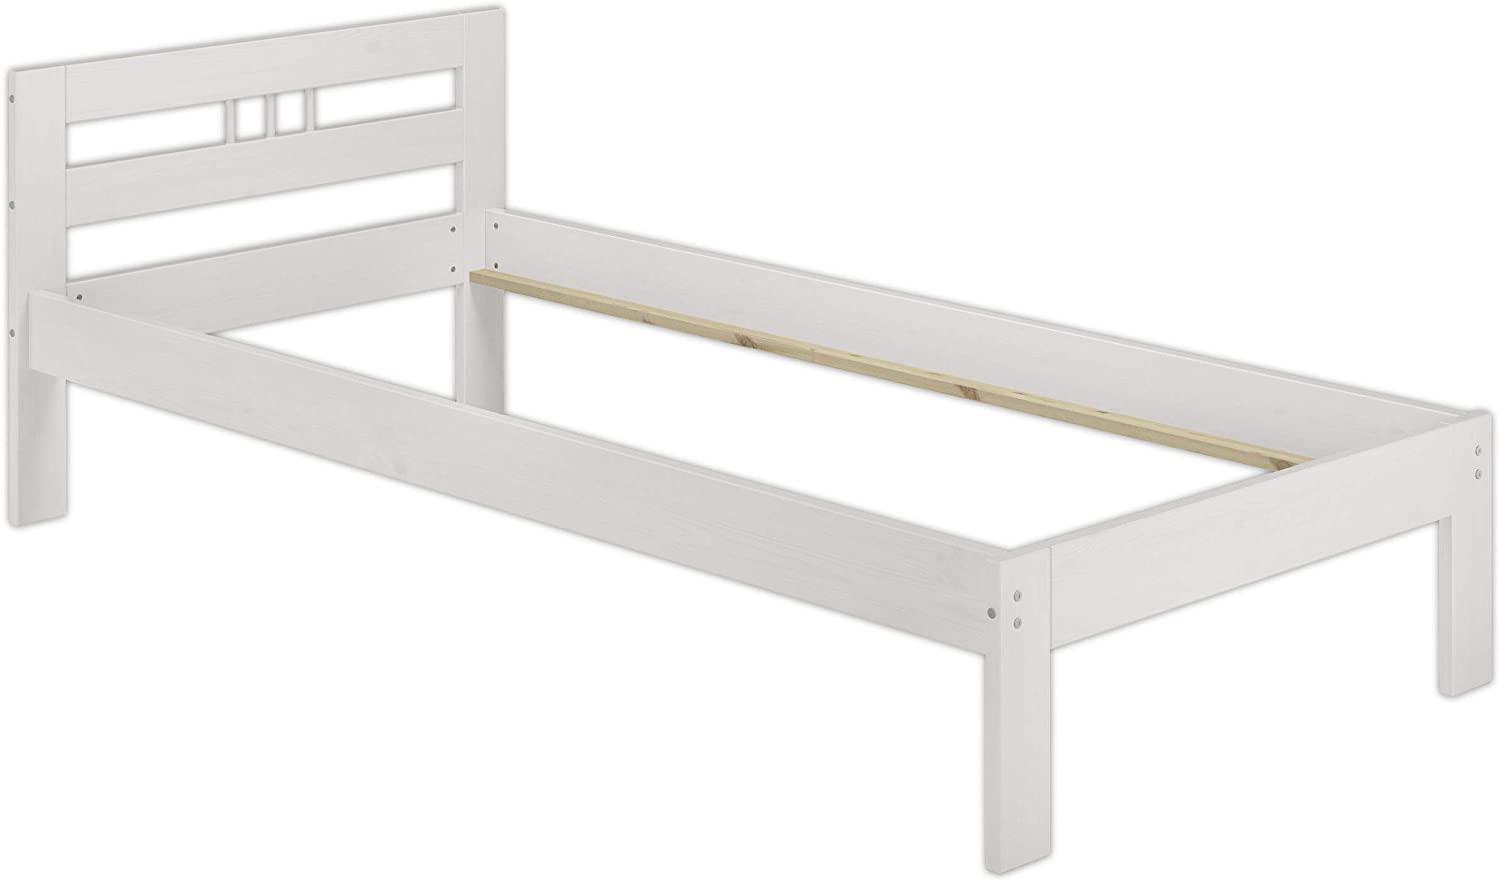 Erst-Holz Einzelbett weiß, 80x200 cm, Massivholz Bild 1